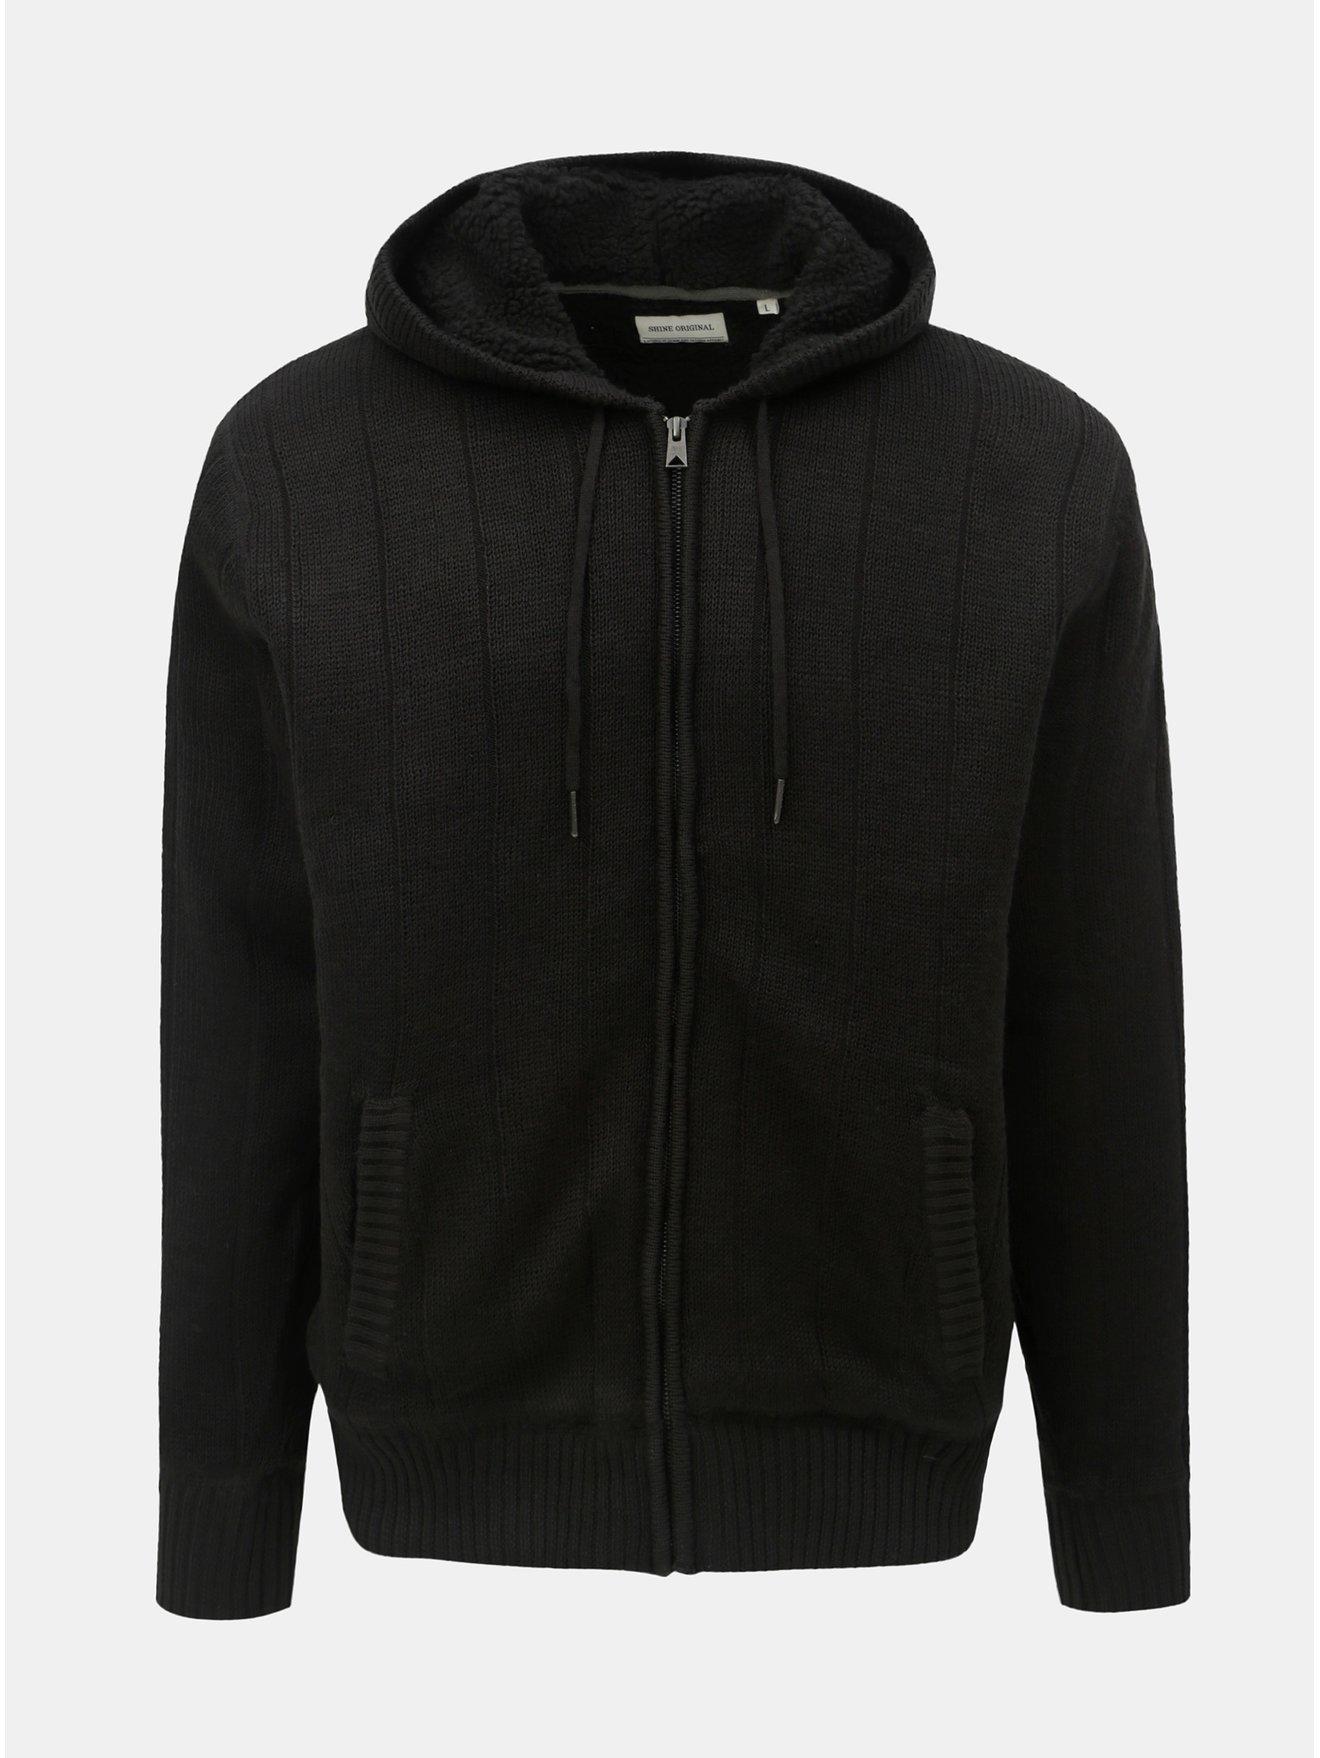 62184611bf5 Černý svetr na zip s kapucí a umělým kožíškem Shine Original Boa